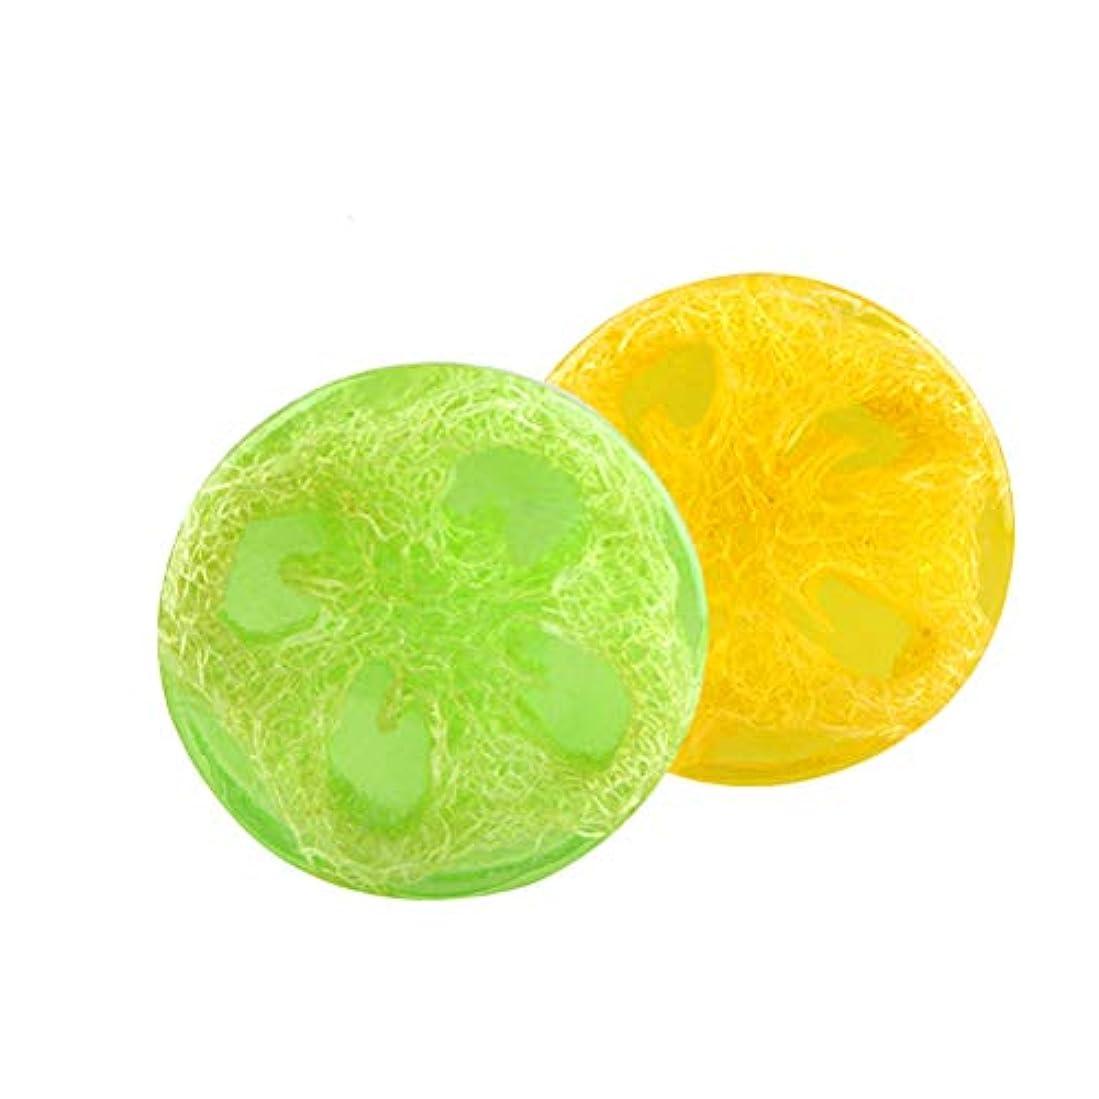 ナビゲーション呼びかける正確にLurrose ハンドメイドエッセンシャルオイルソープバーモイスチャライジングボディウォッシュソープ2個(アロエとレモン)